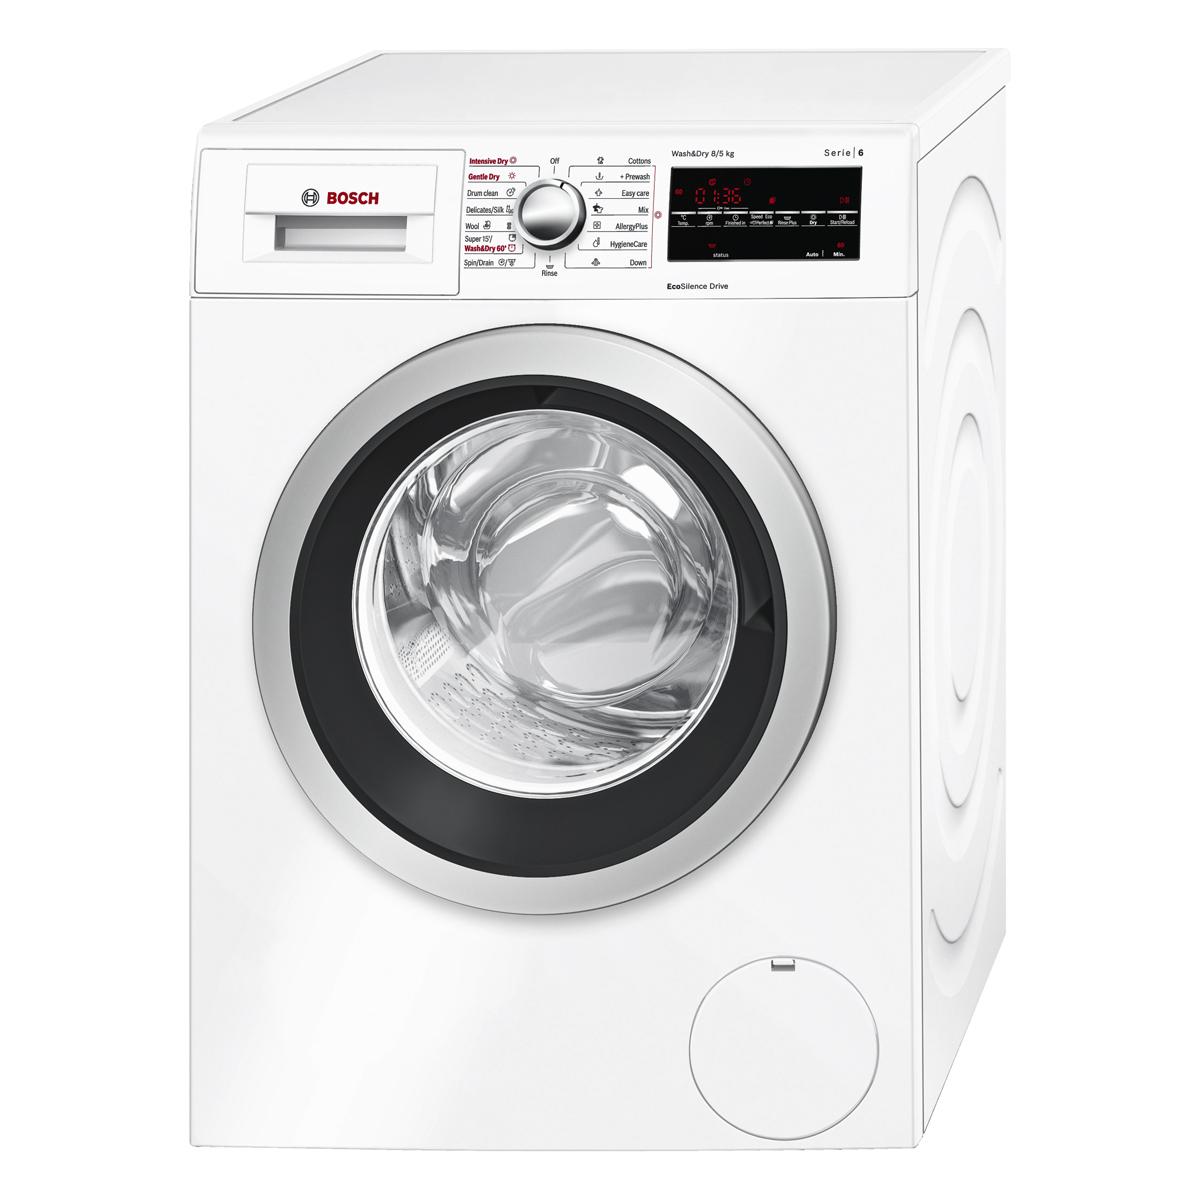 ماشین لباسشویی بوش مدل WVG30460IR ظرفیت 8 کیلوگرم